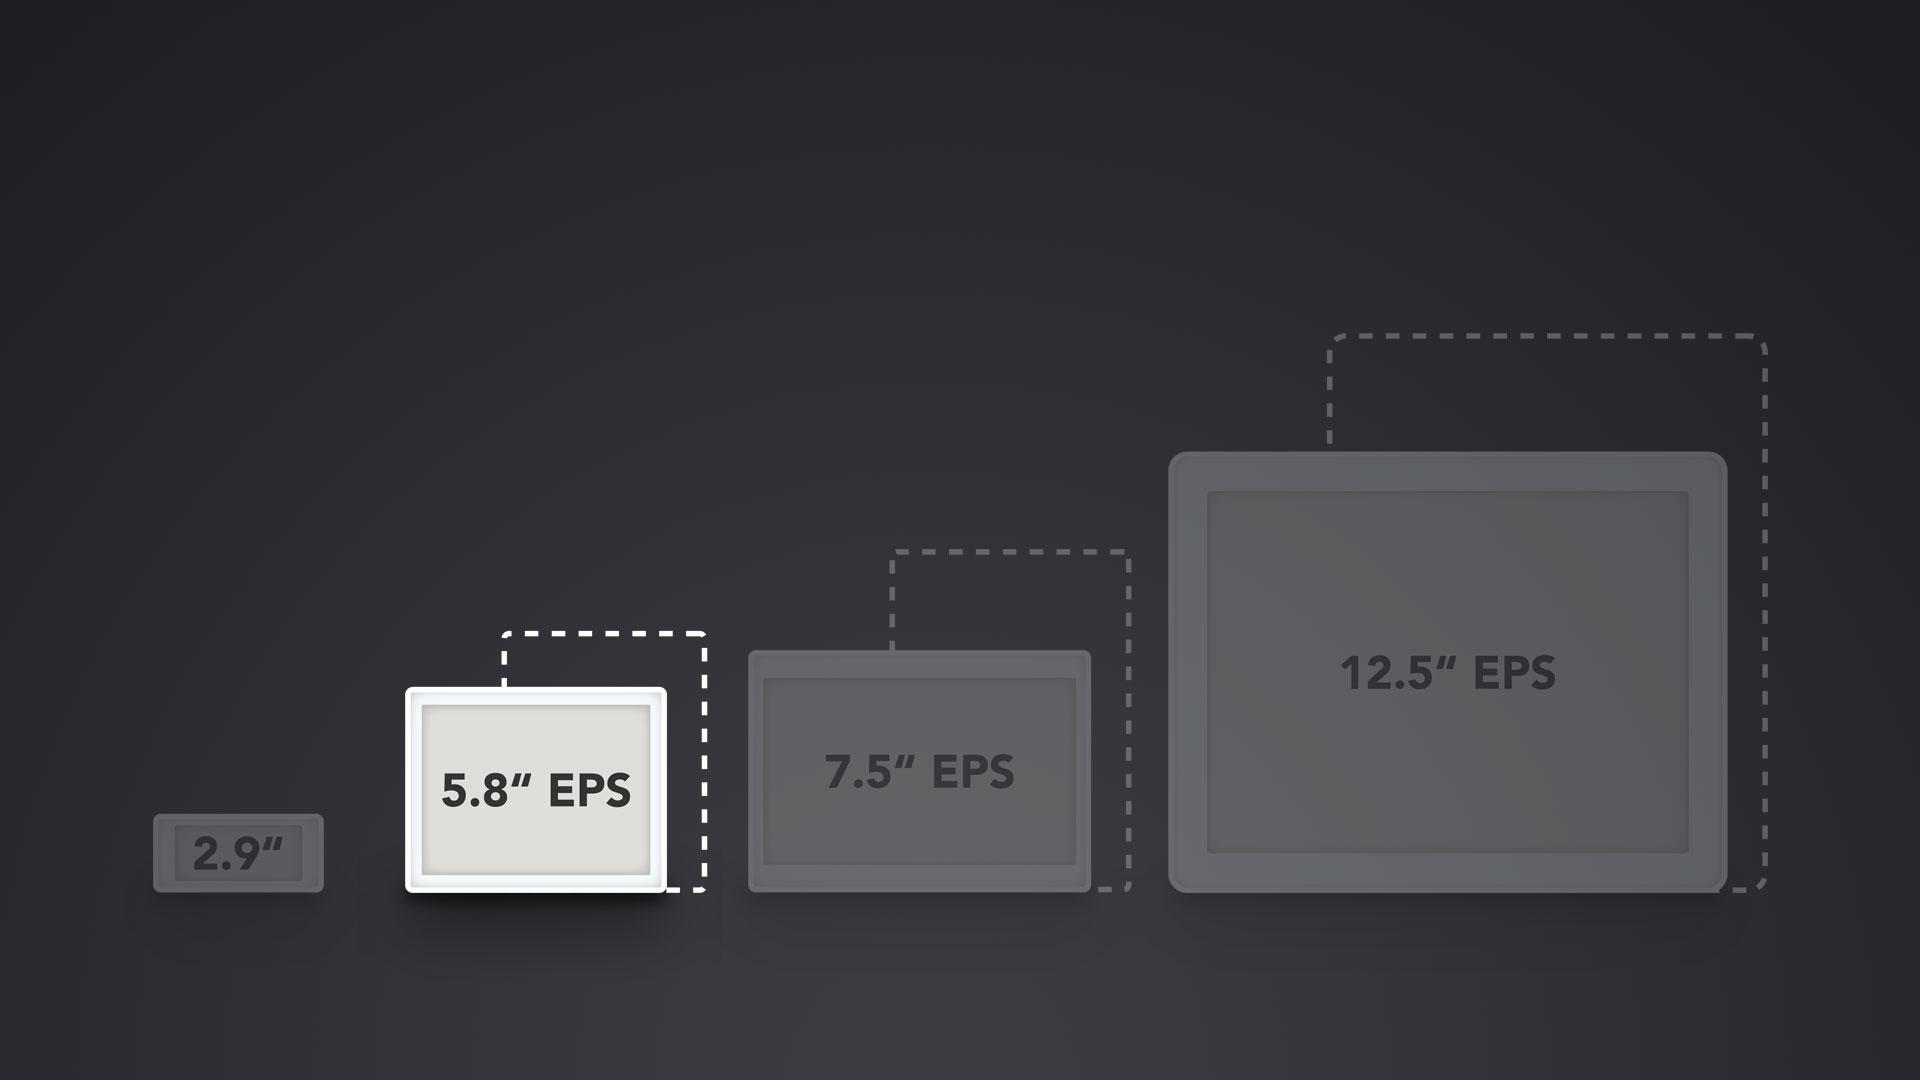 """Vergleich ESL Displays 5.8"""""""